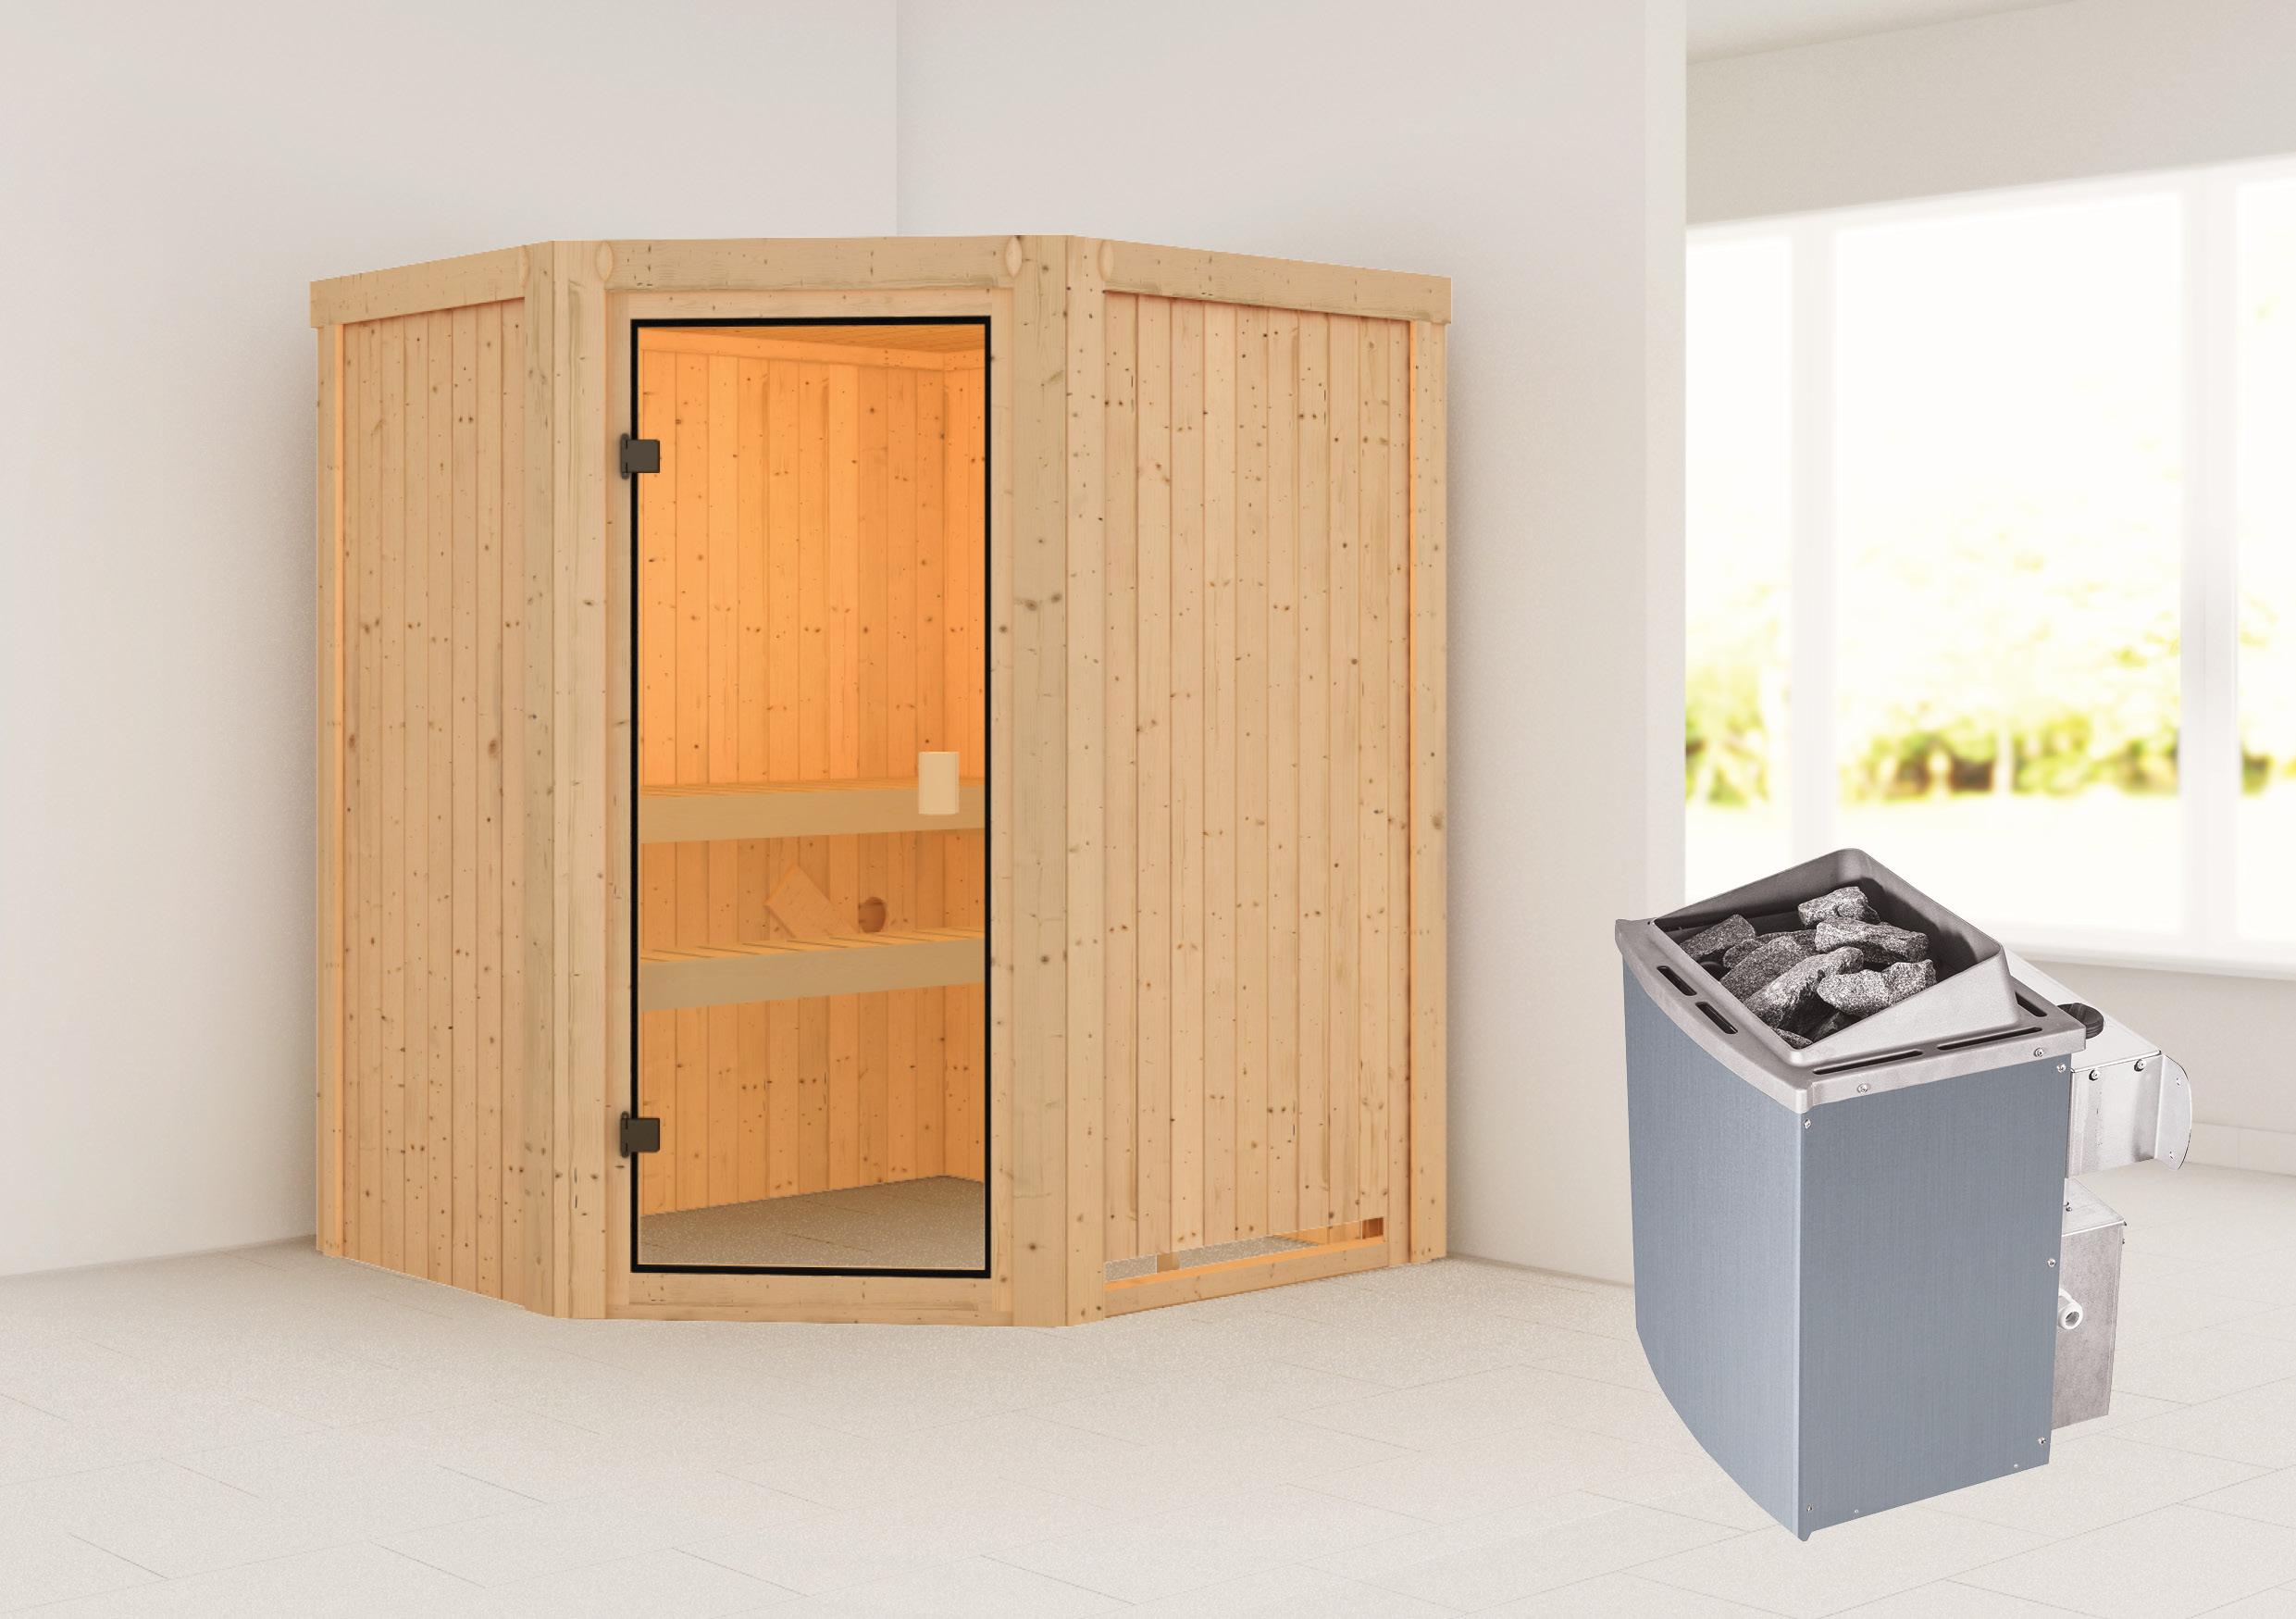 Woodfeeling Sauna Faurin 68mm Saunaofen 9kW intern Bild 1